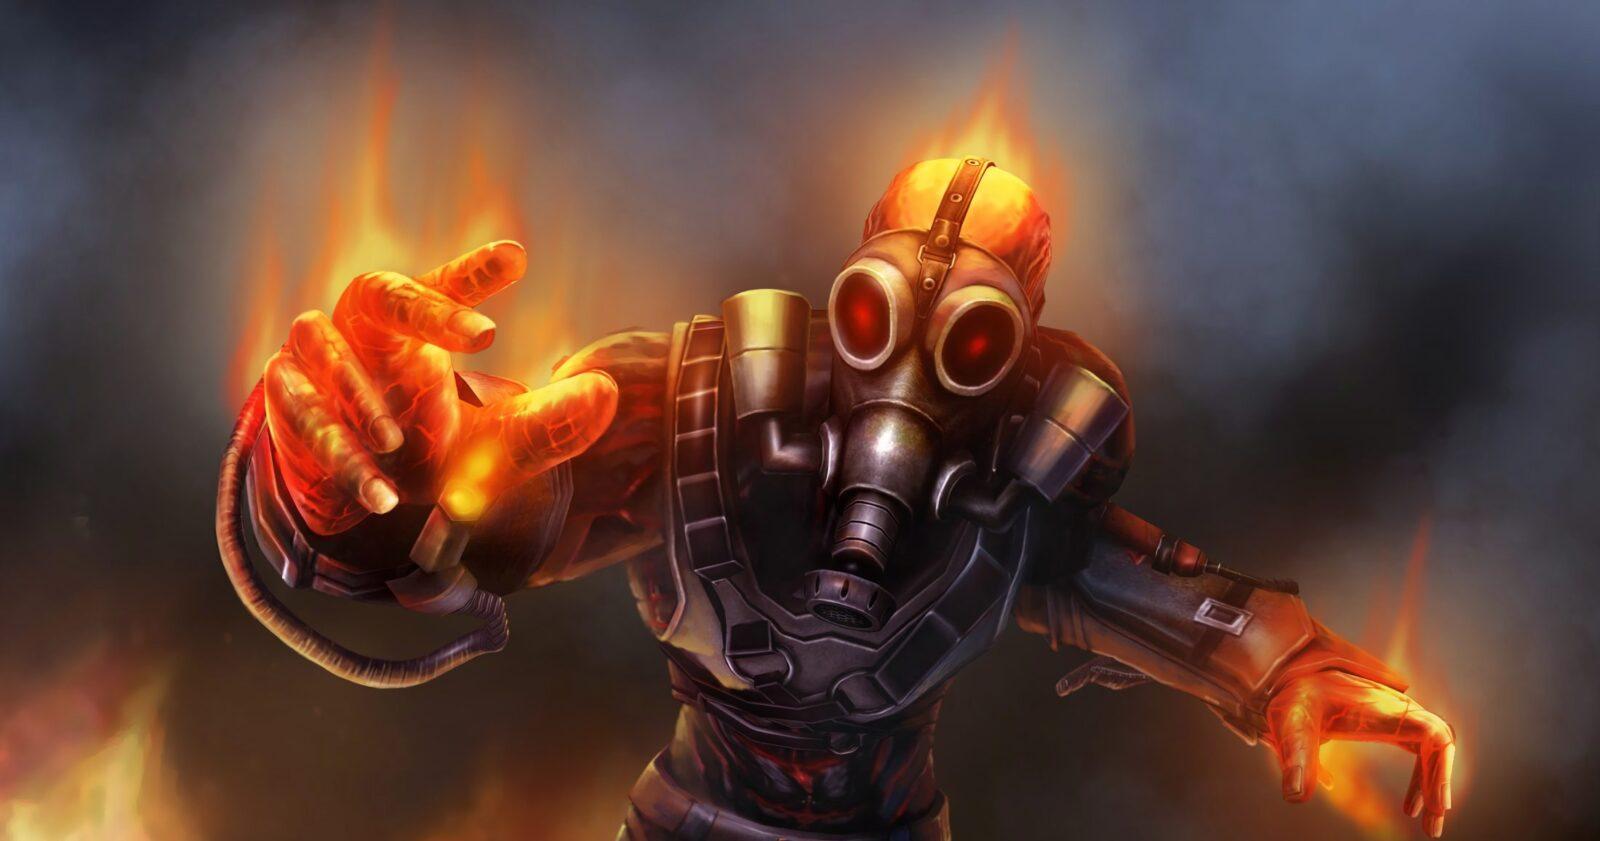 Apocalyptic Brand - Buy League of Legends Skin | SmurfMania.com